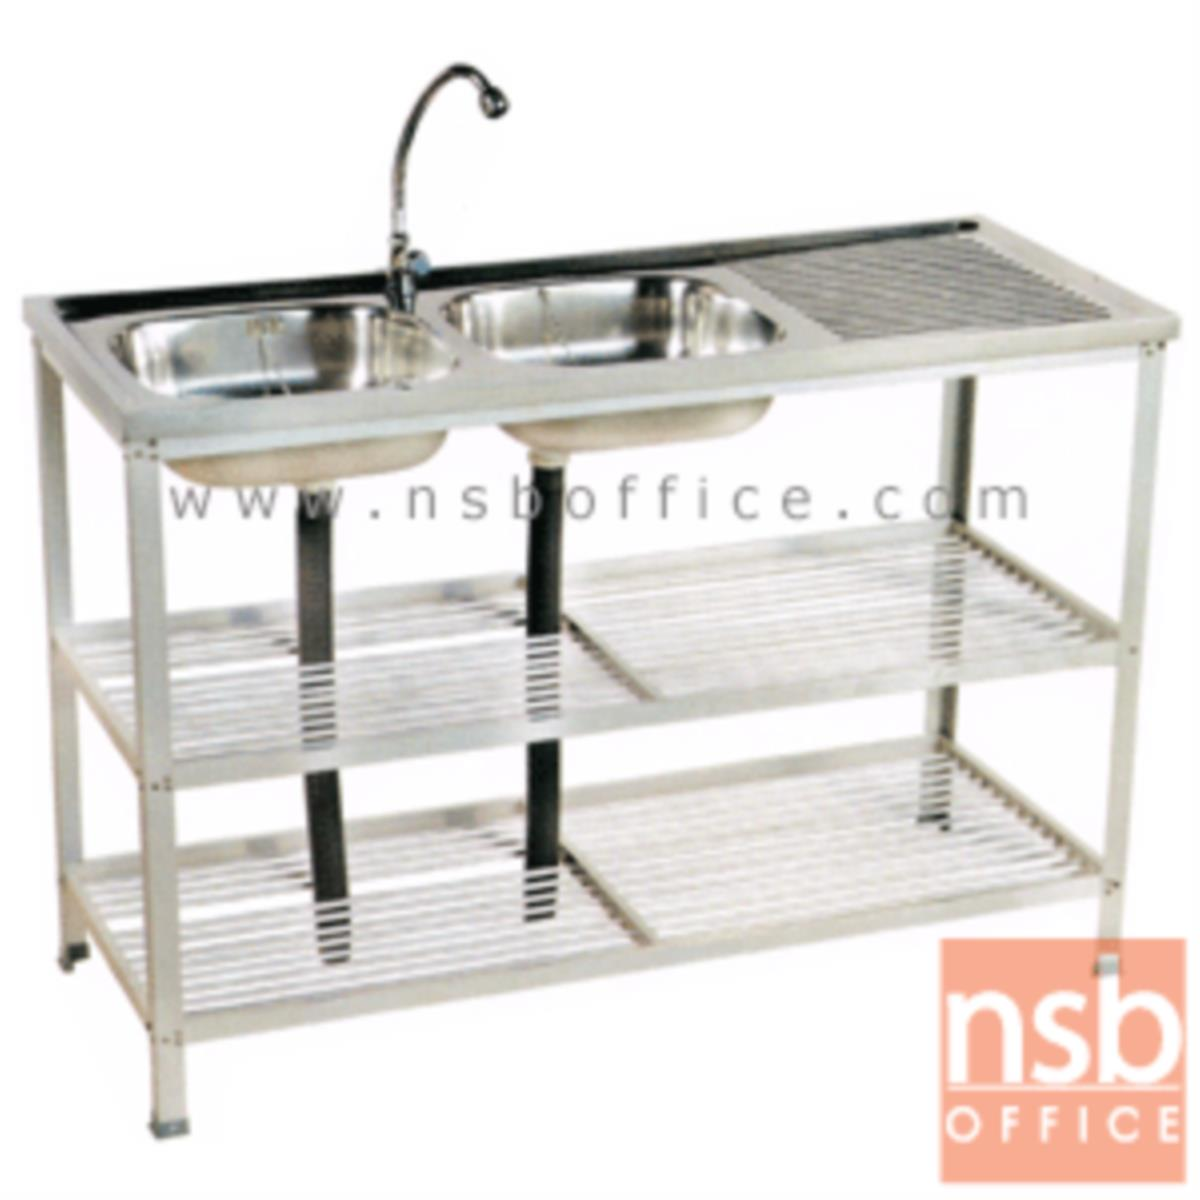 G12A038:อ่างล้างจาน 2 หลุม รุ่น SN-WBC955-3 สเตนเลส มีที่คว่ำจาน พร้อมก๊อกน้ำ